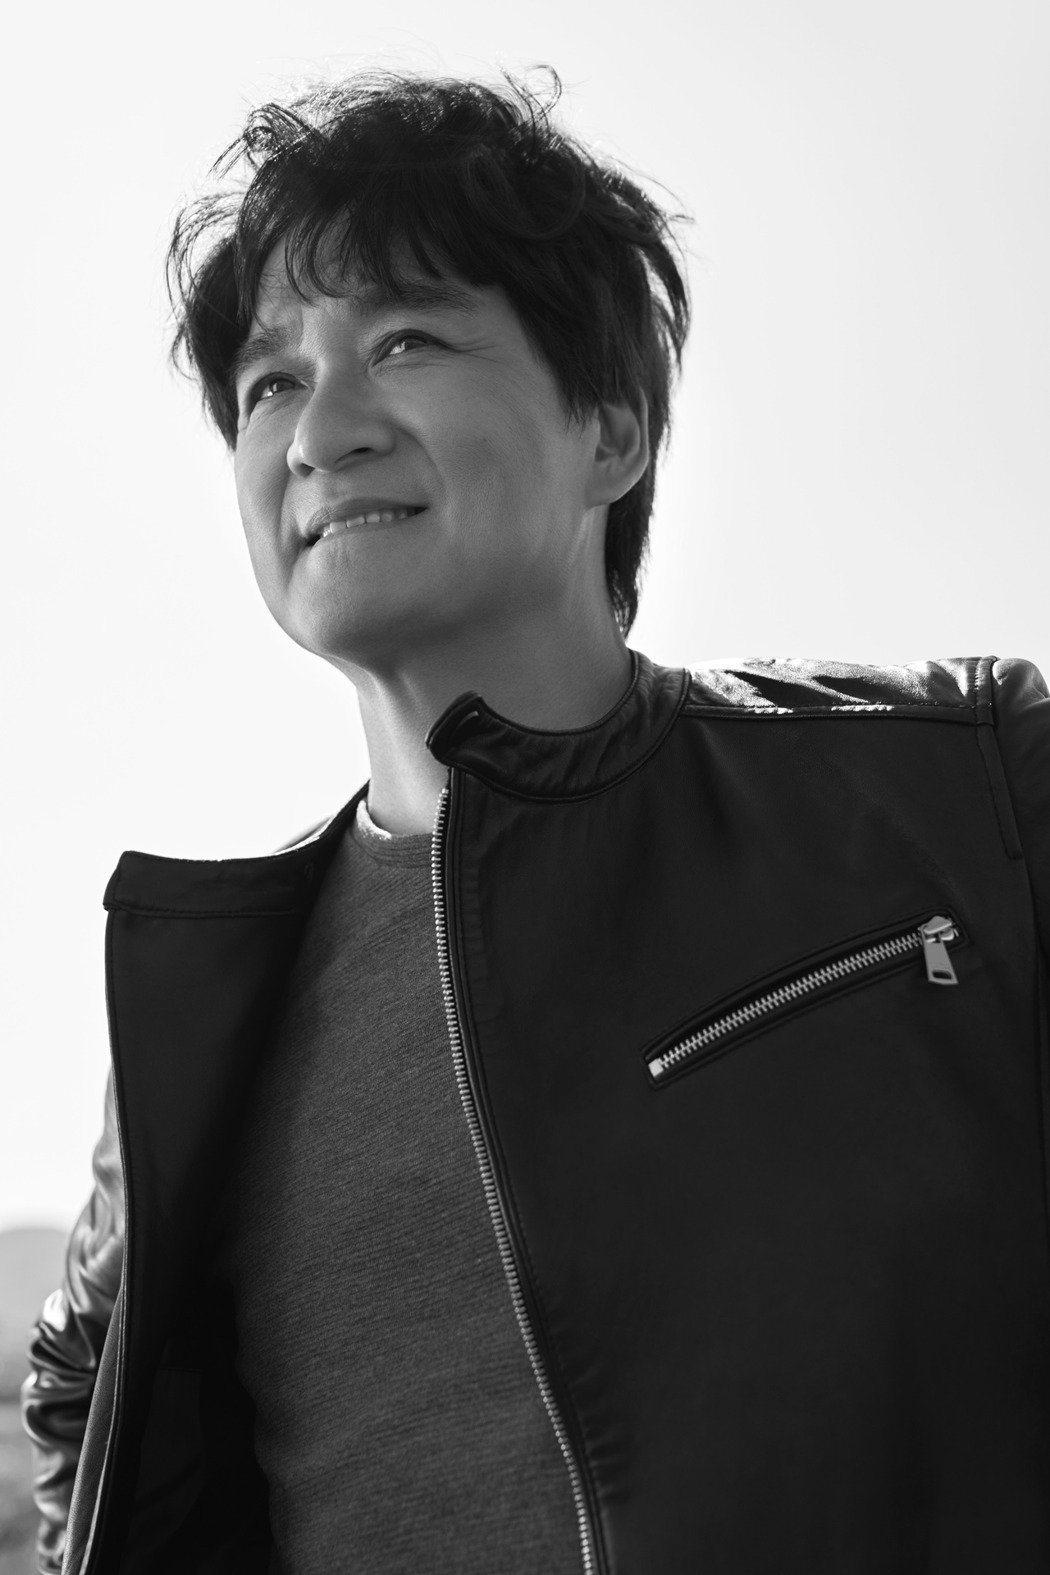 周華健憑「少年」入圍金曲獎最佳國語男歌手。圖/滾石提供